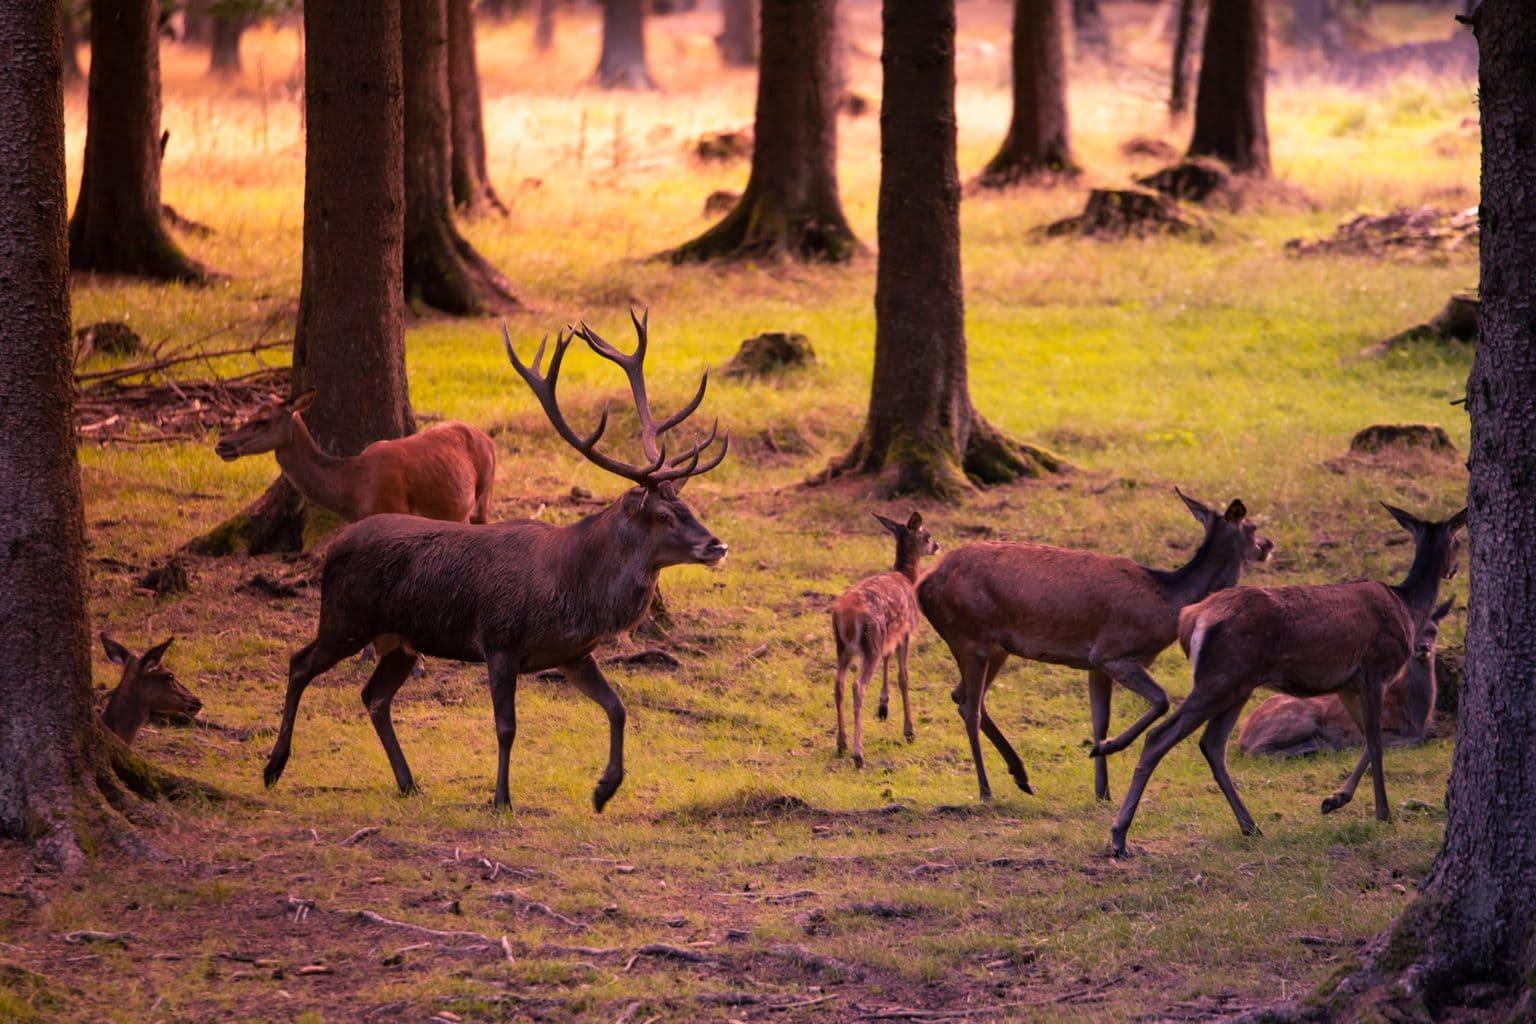 Herten in een bos in Nederbeieren